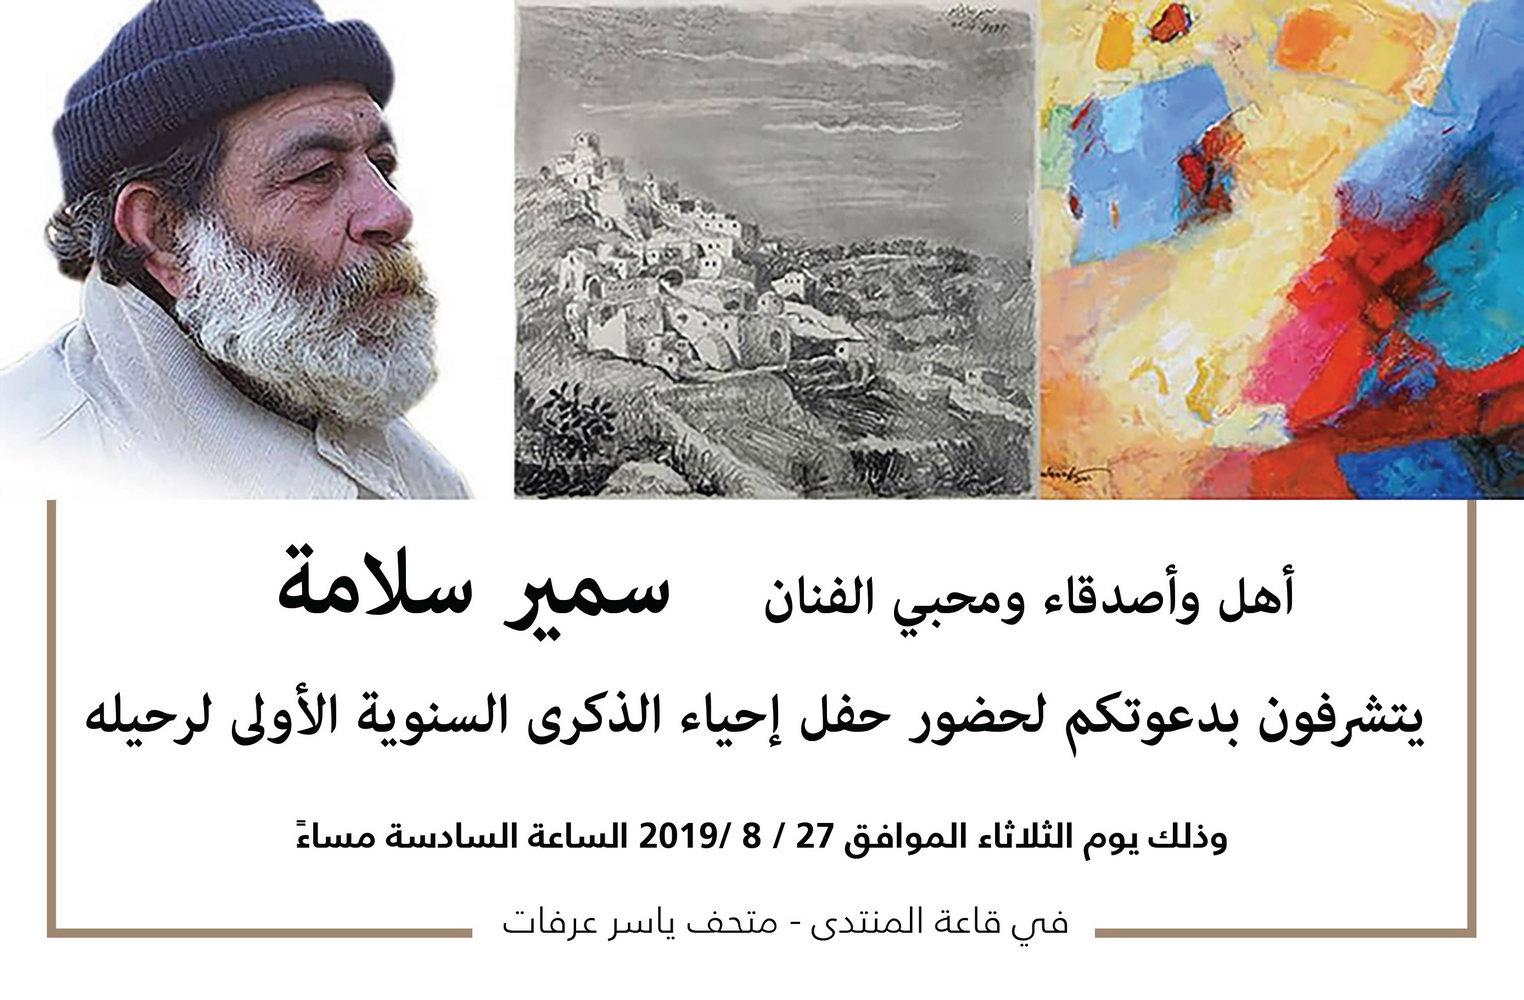 إحياء الذكرى السنوية الأولى لرحيل الفنان سمير سلامة